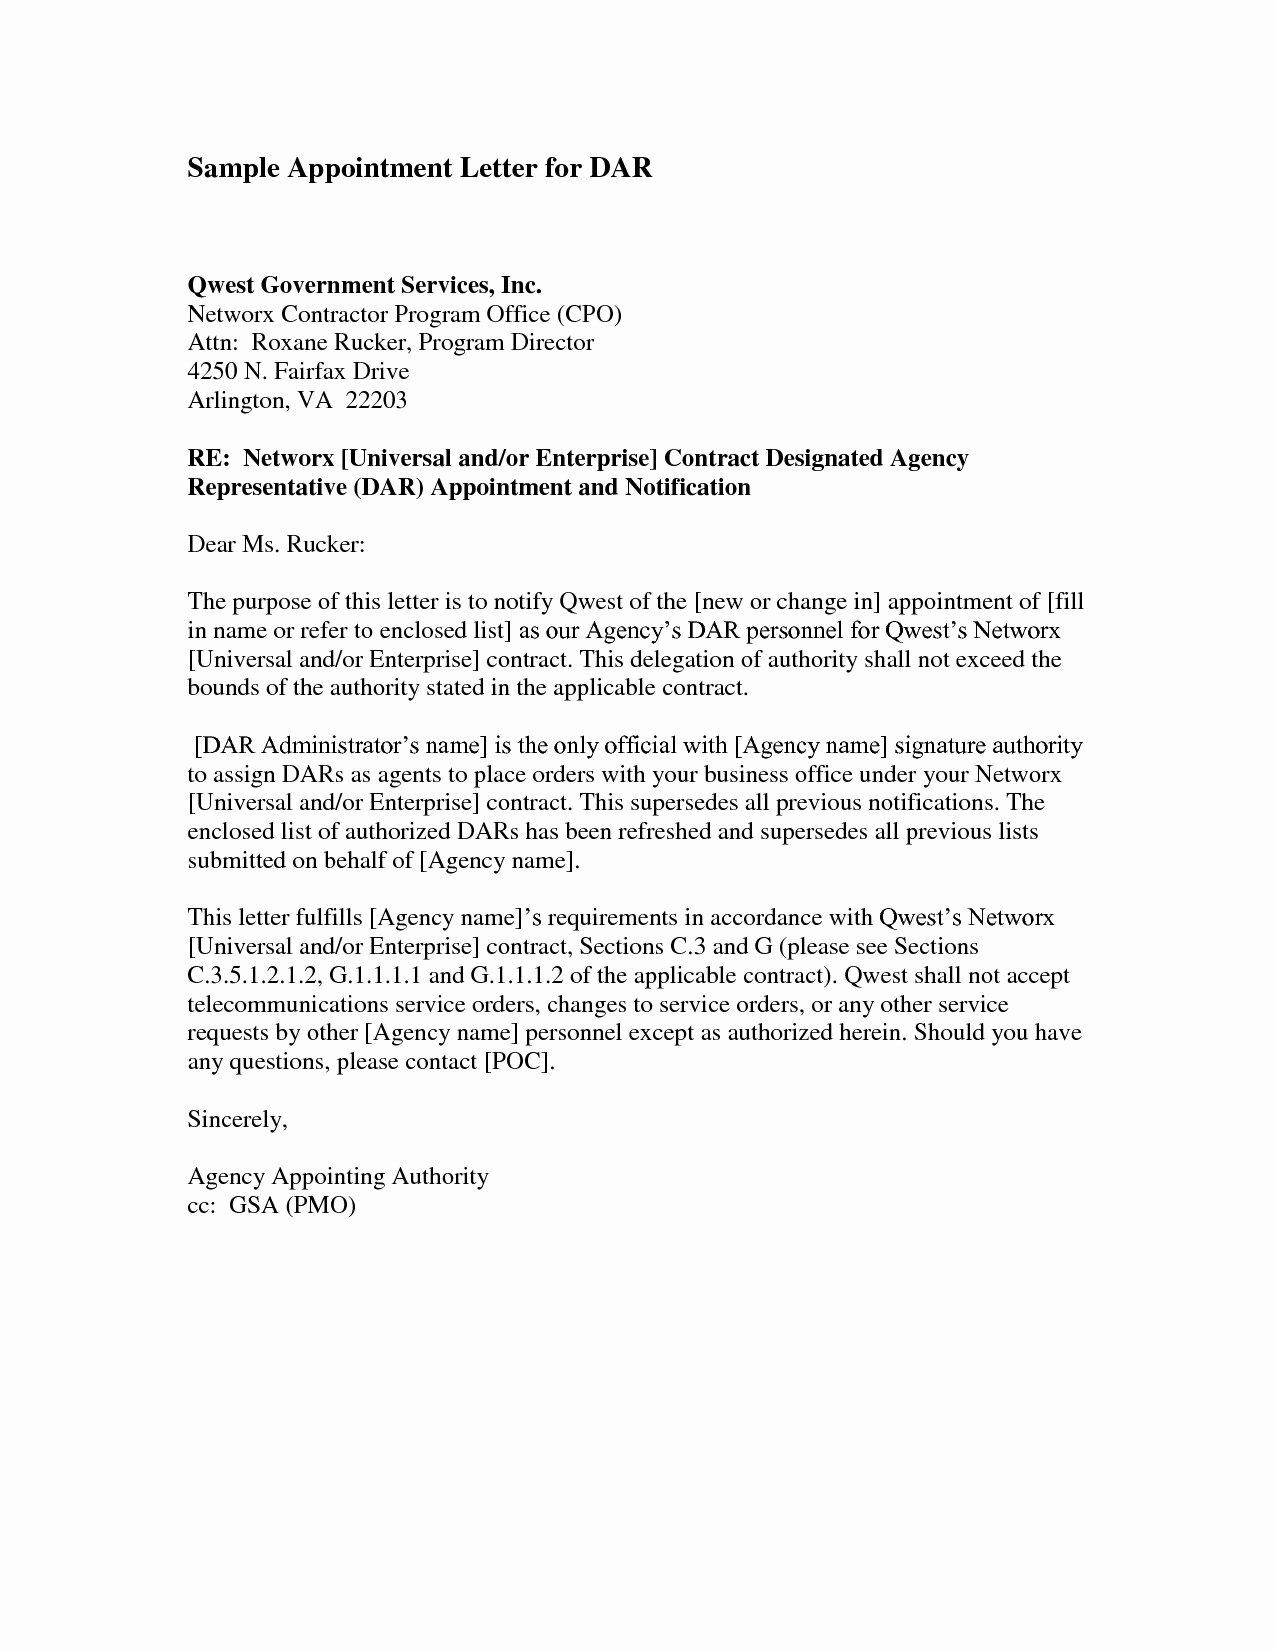 Patient Dismissal Letter Dental Inspirational Dental Patient Dismissal Letter Template Examples